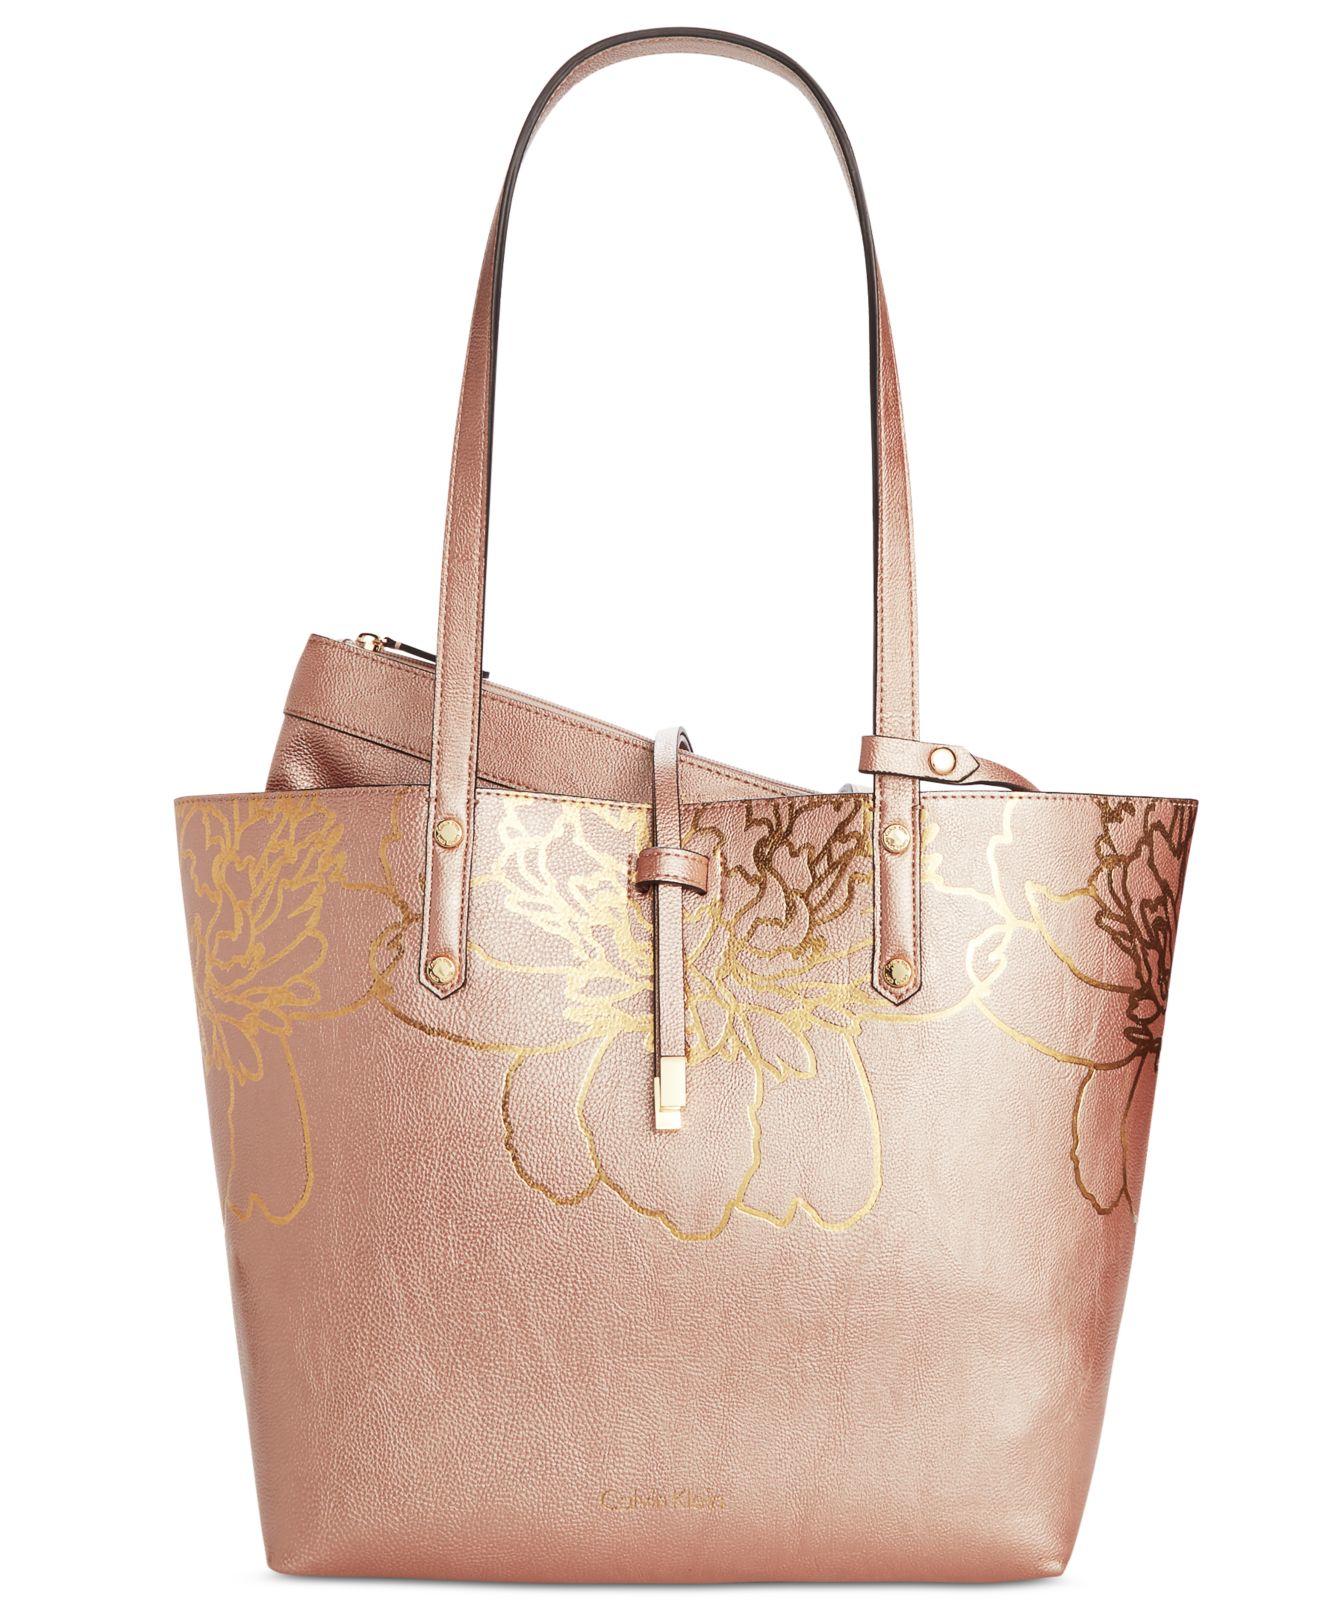 calvin klein bag in bag floral appliqu medium tote in pink rosegold combo save 26 lyst. Black Bedroom Furniture Sets. Home Design Ideas